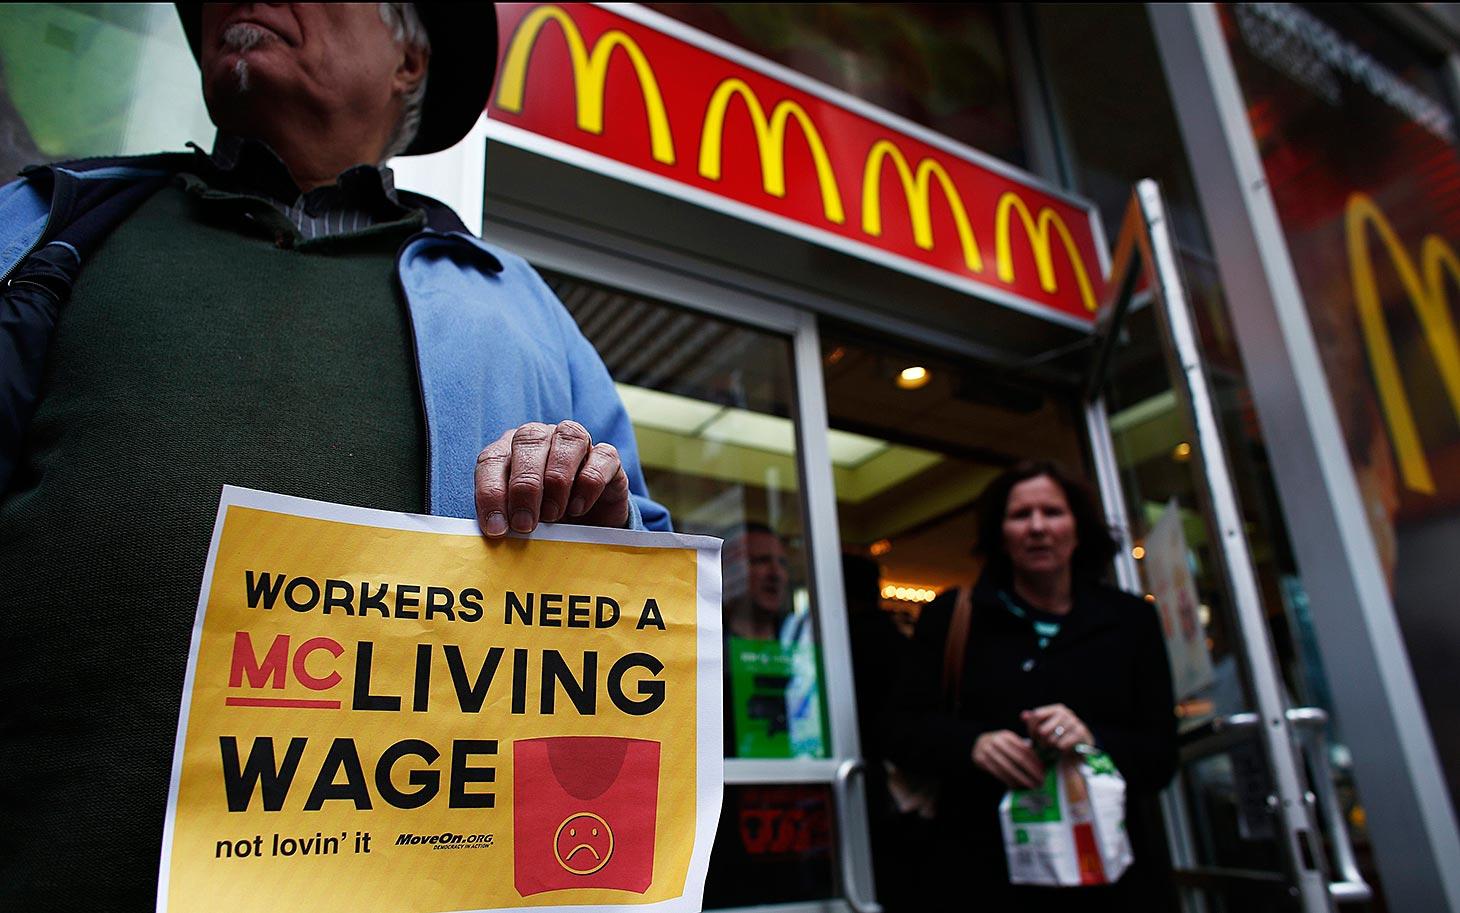 McDonaldsWorkersStrike.jpg